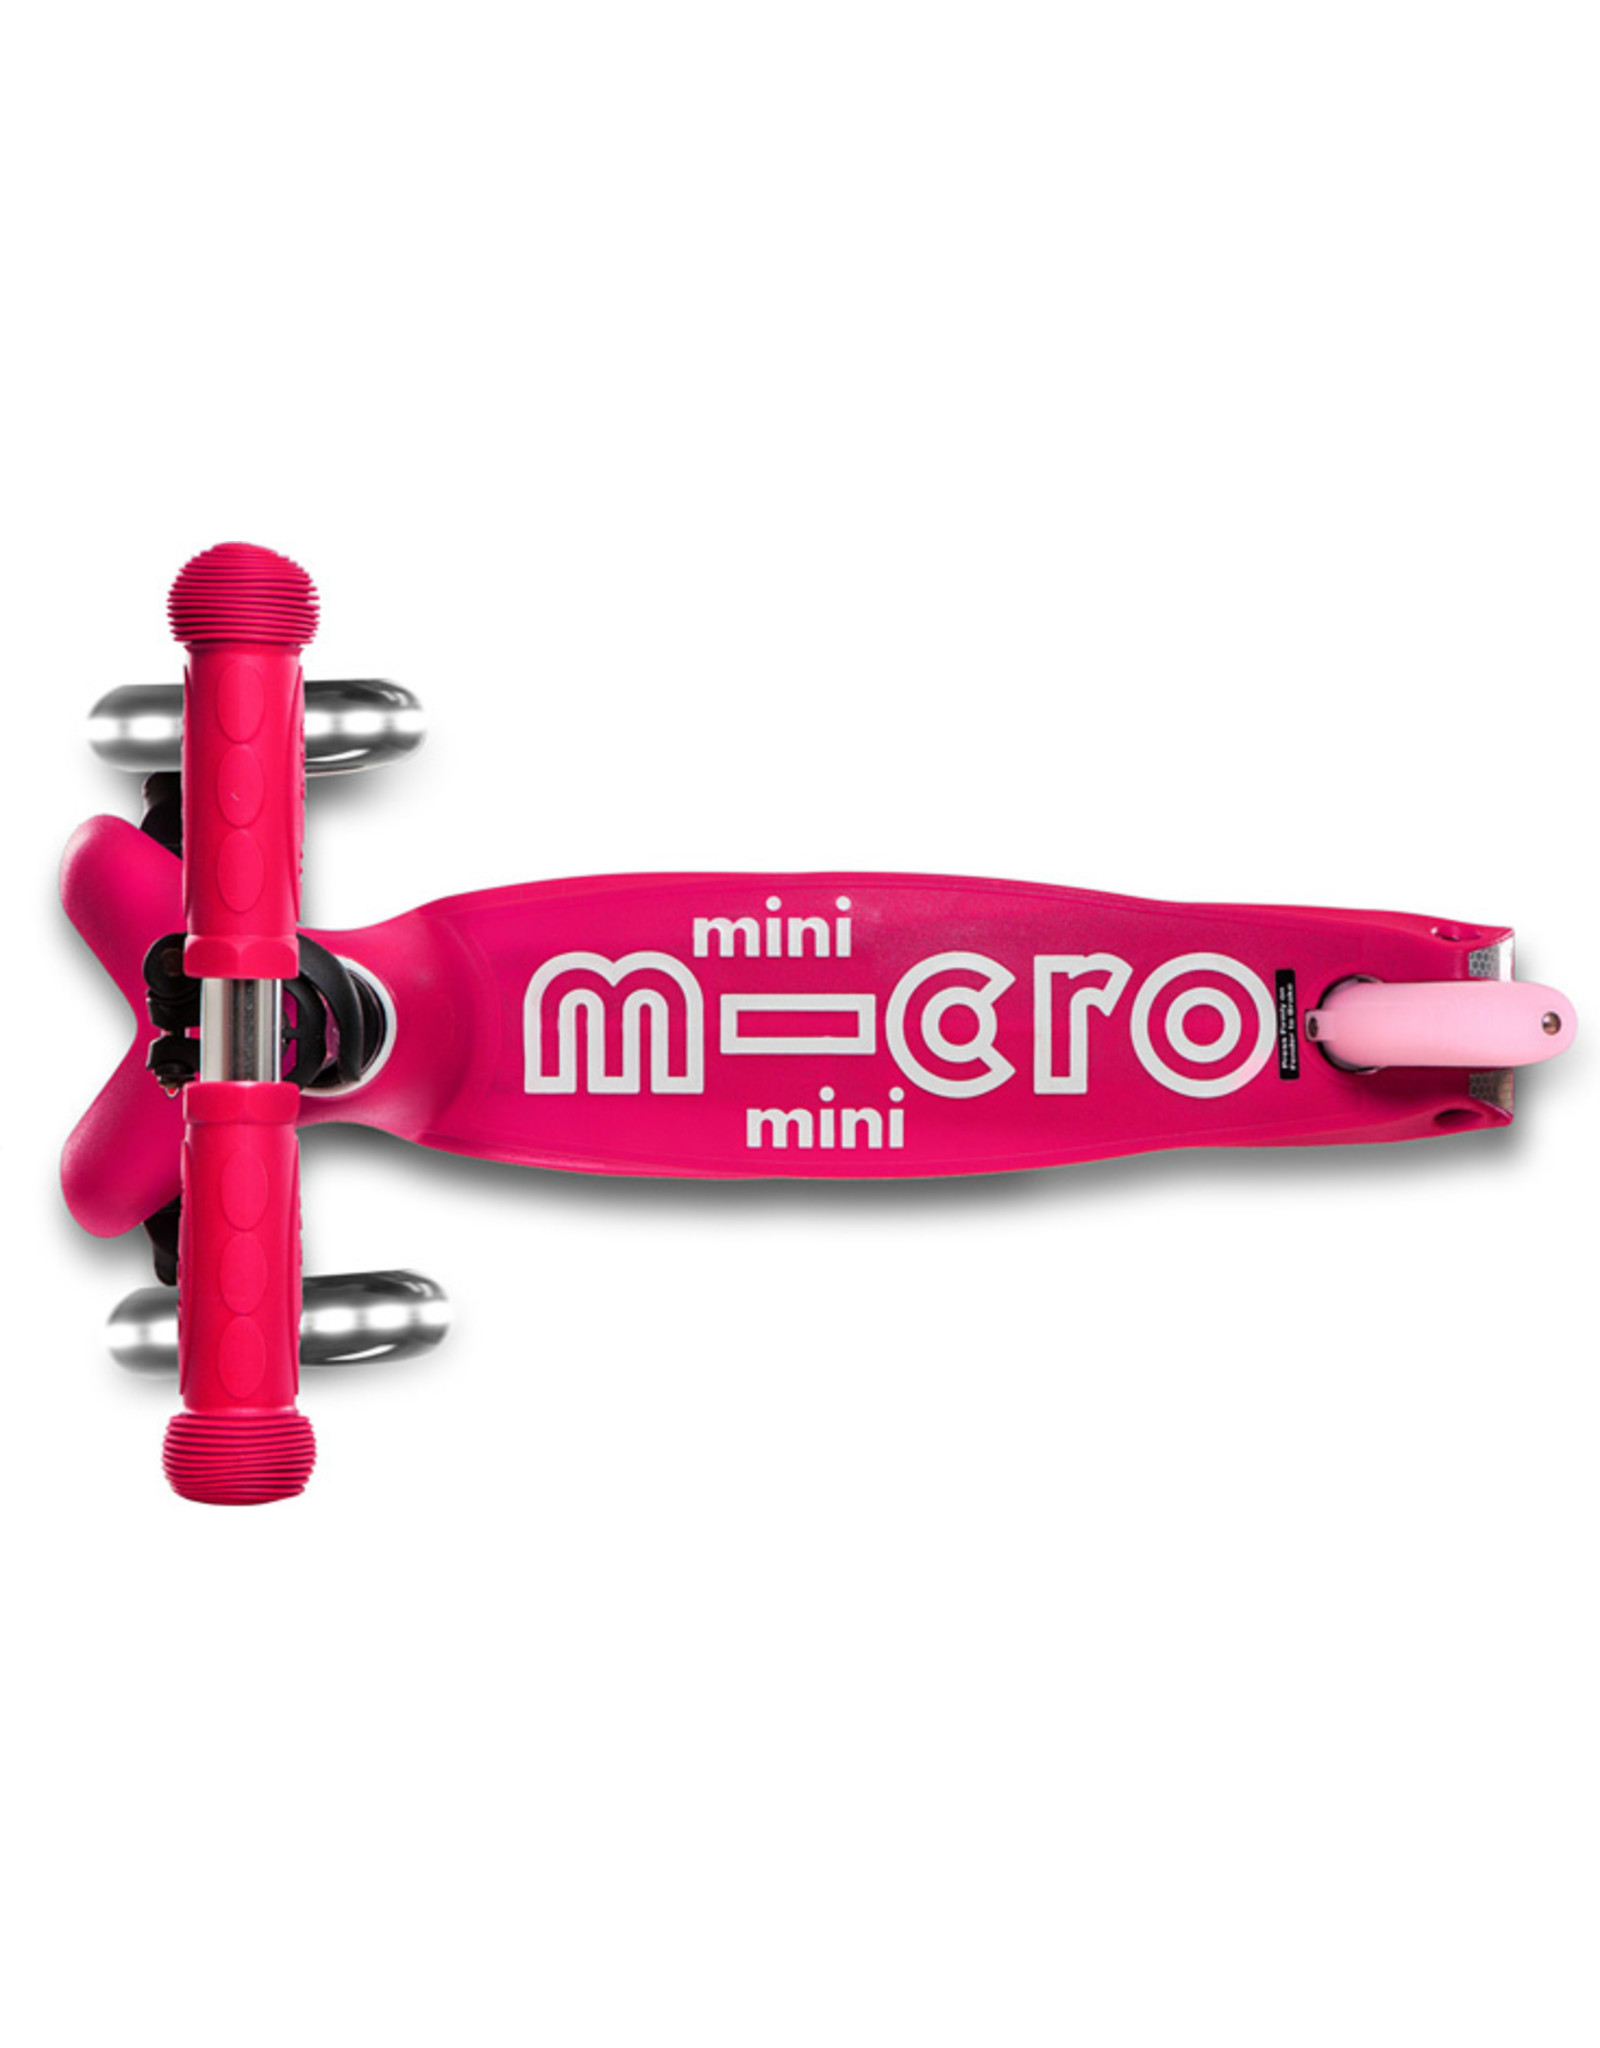 Micro Kickboard Micro Mini Deluxe LED Pink Scooter